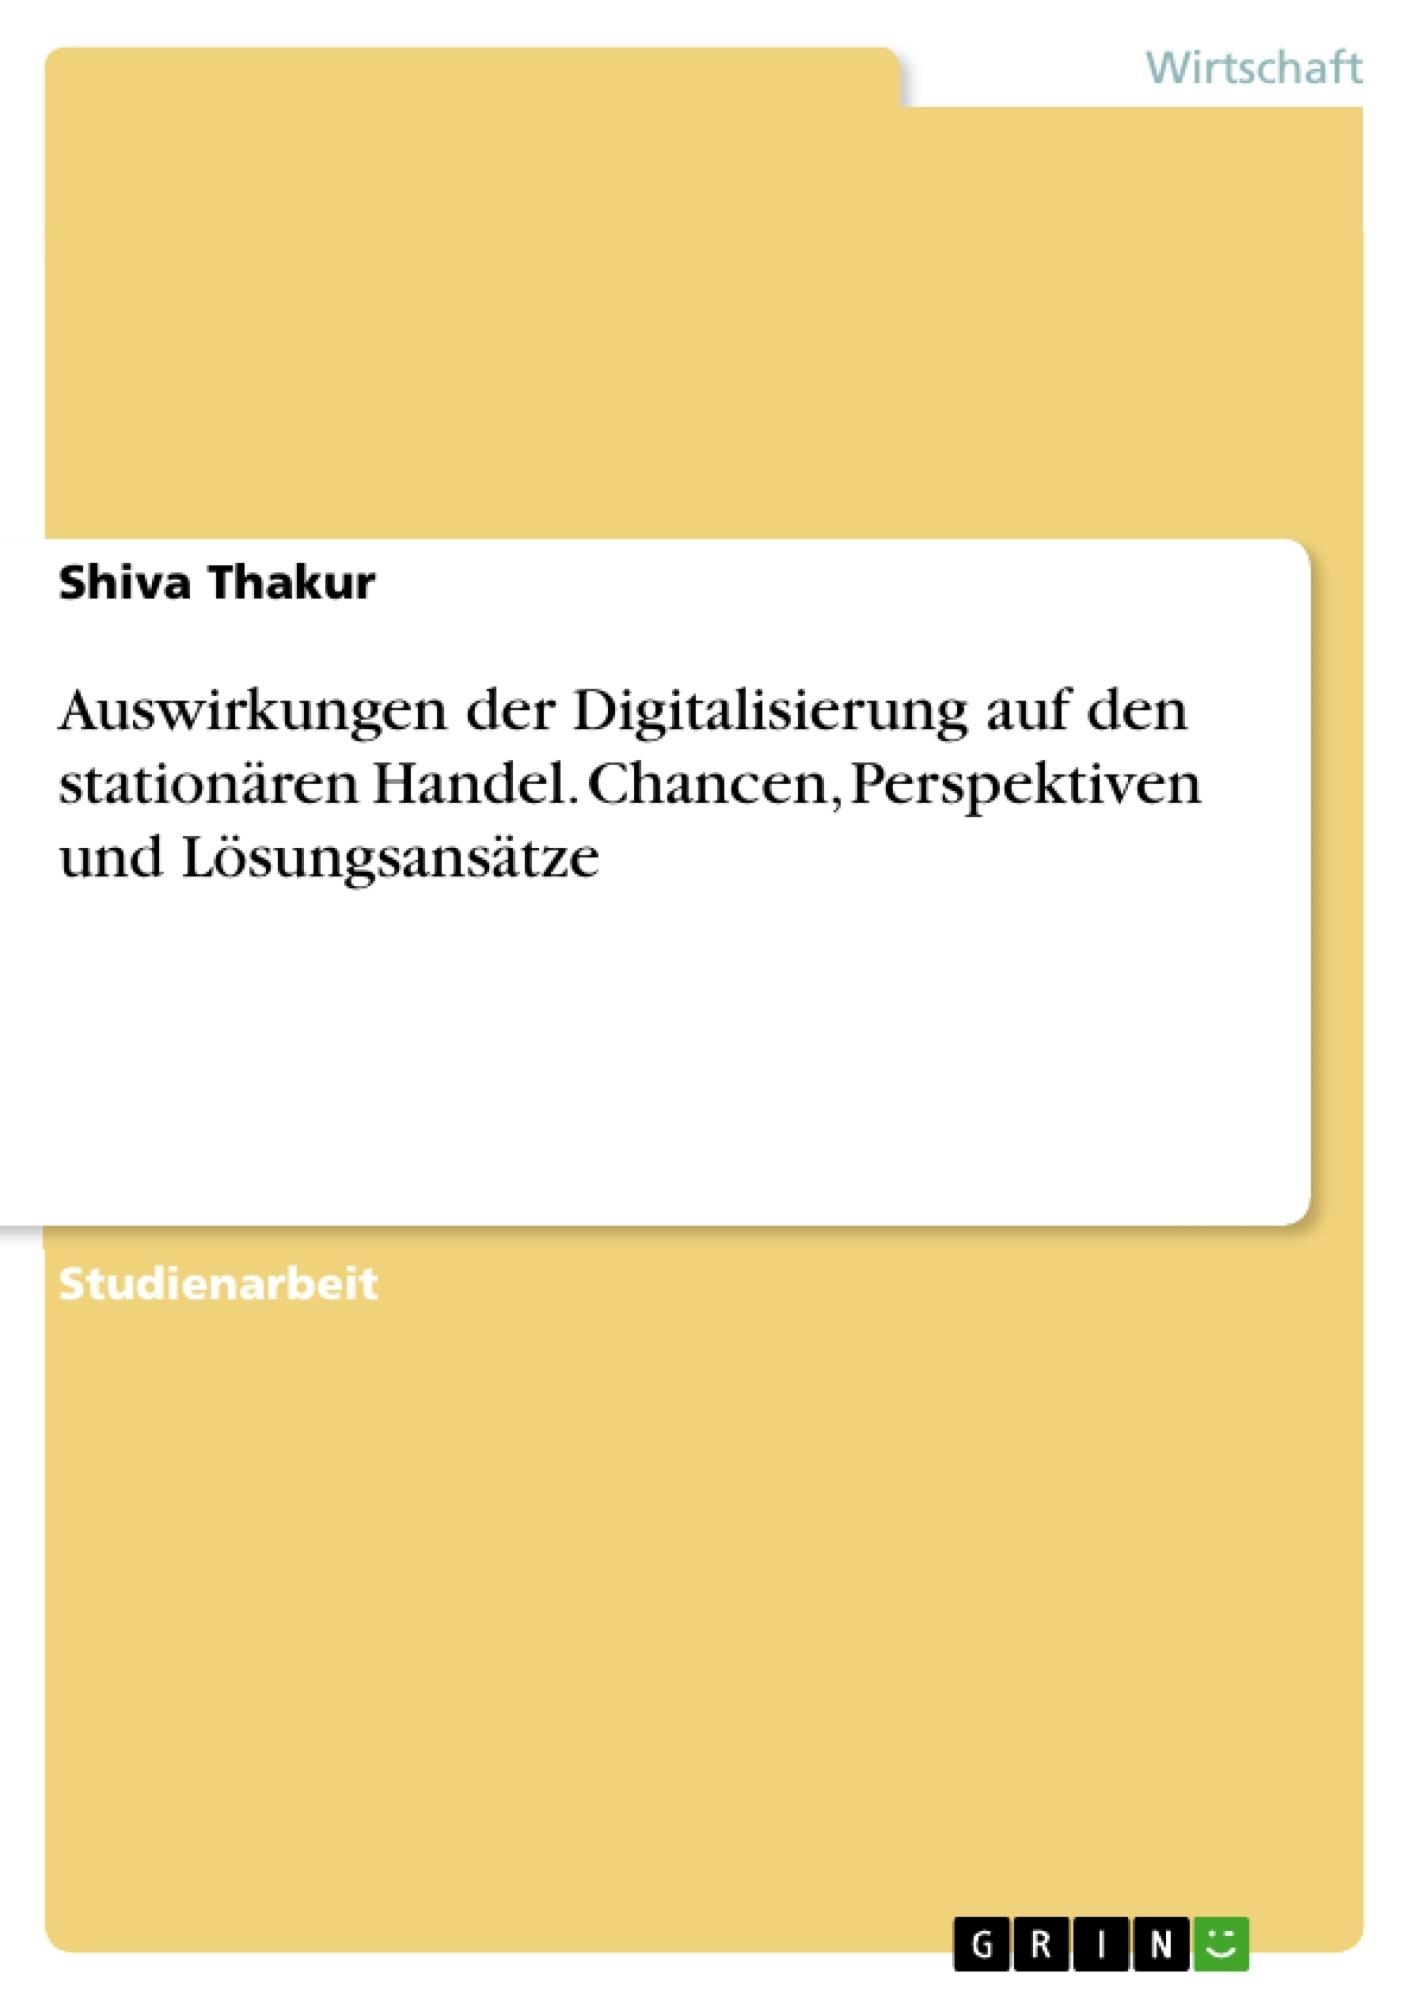 Titel: Auswirkungen der Digitalisierung auf den stationären Handel. Chancen, Perspektiven und Lösungsansätze